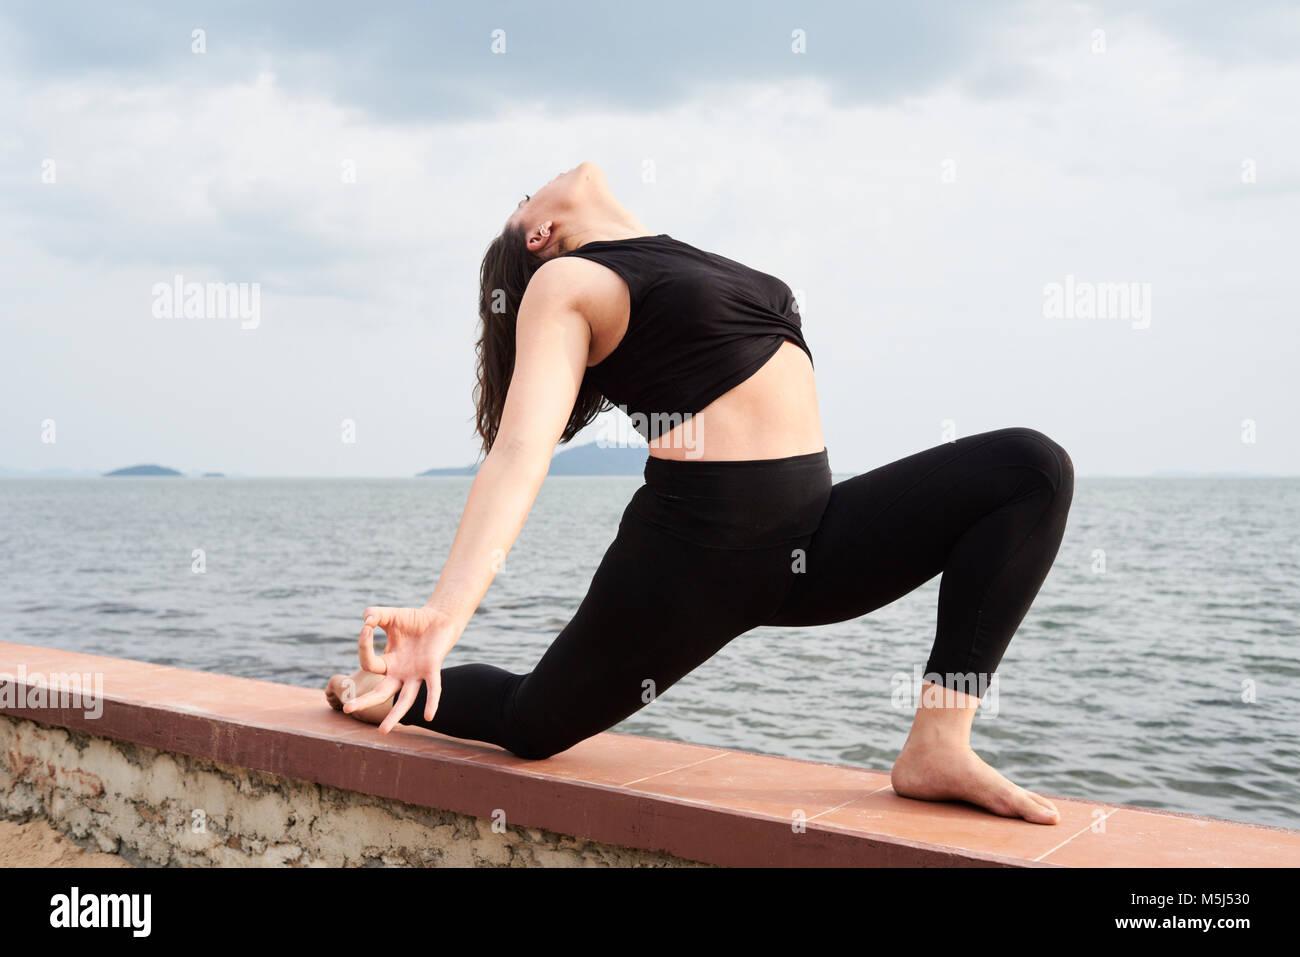 Yoga Lehrer im Krieger mit Waffen eröffnet und mit dem Gesicht nach oben auf einem Zaun neben dem Meer. Kep, Stockbild